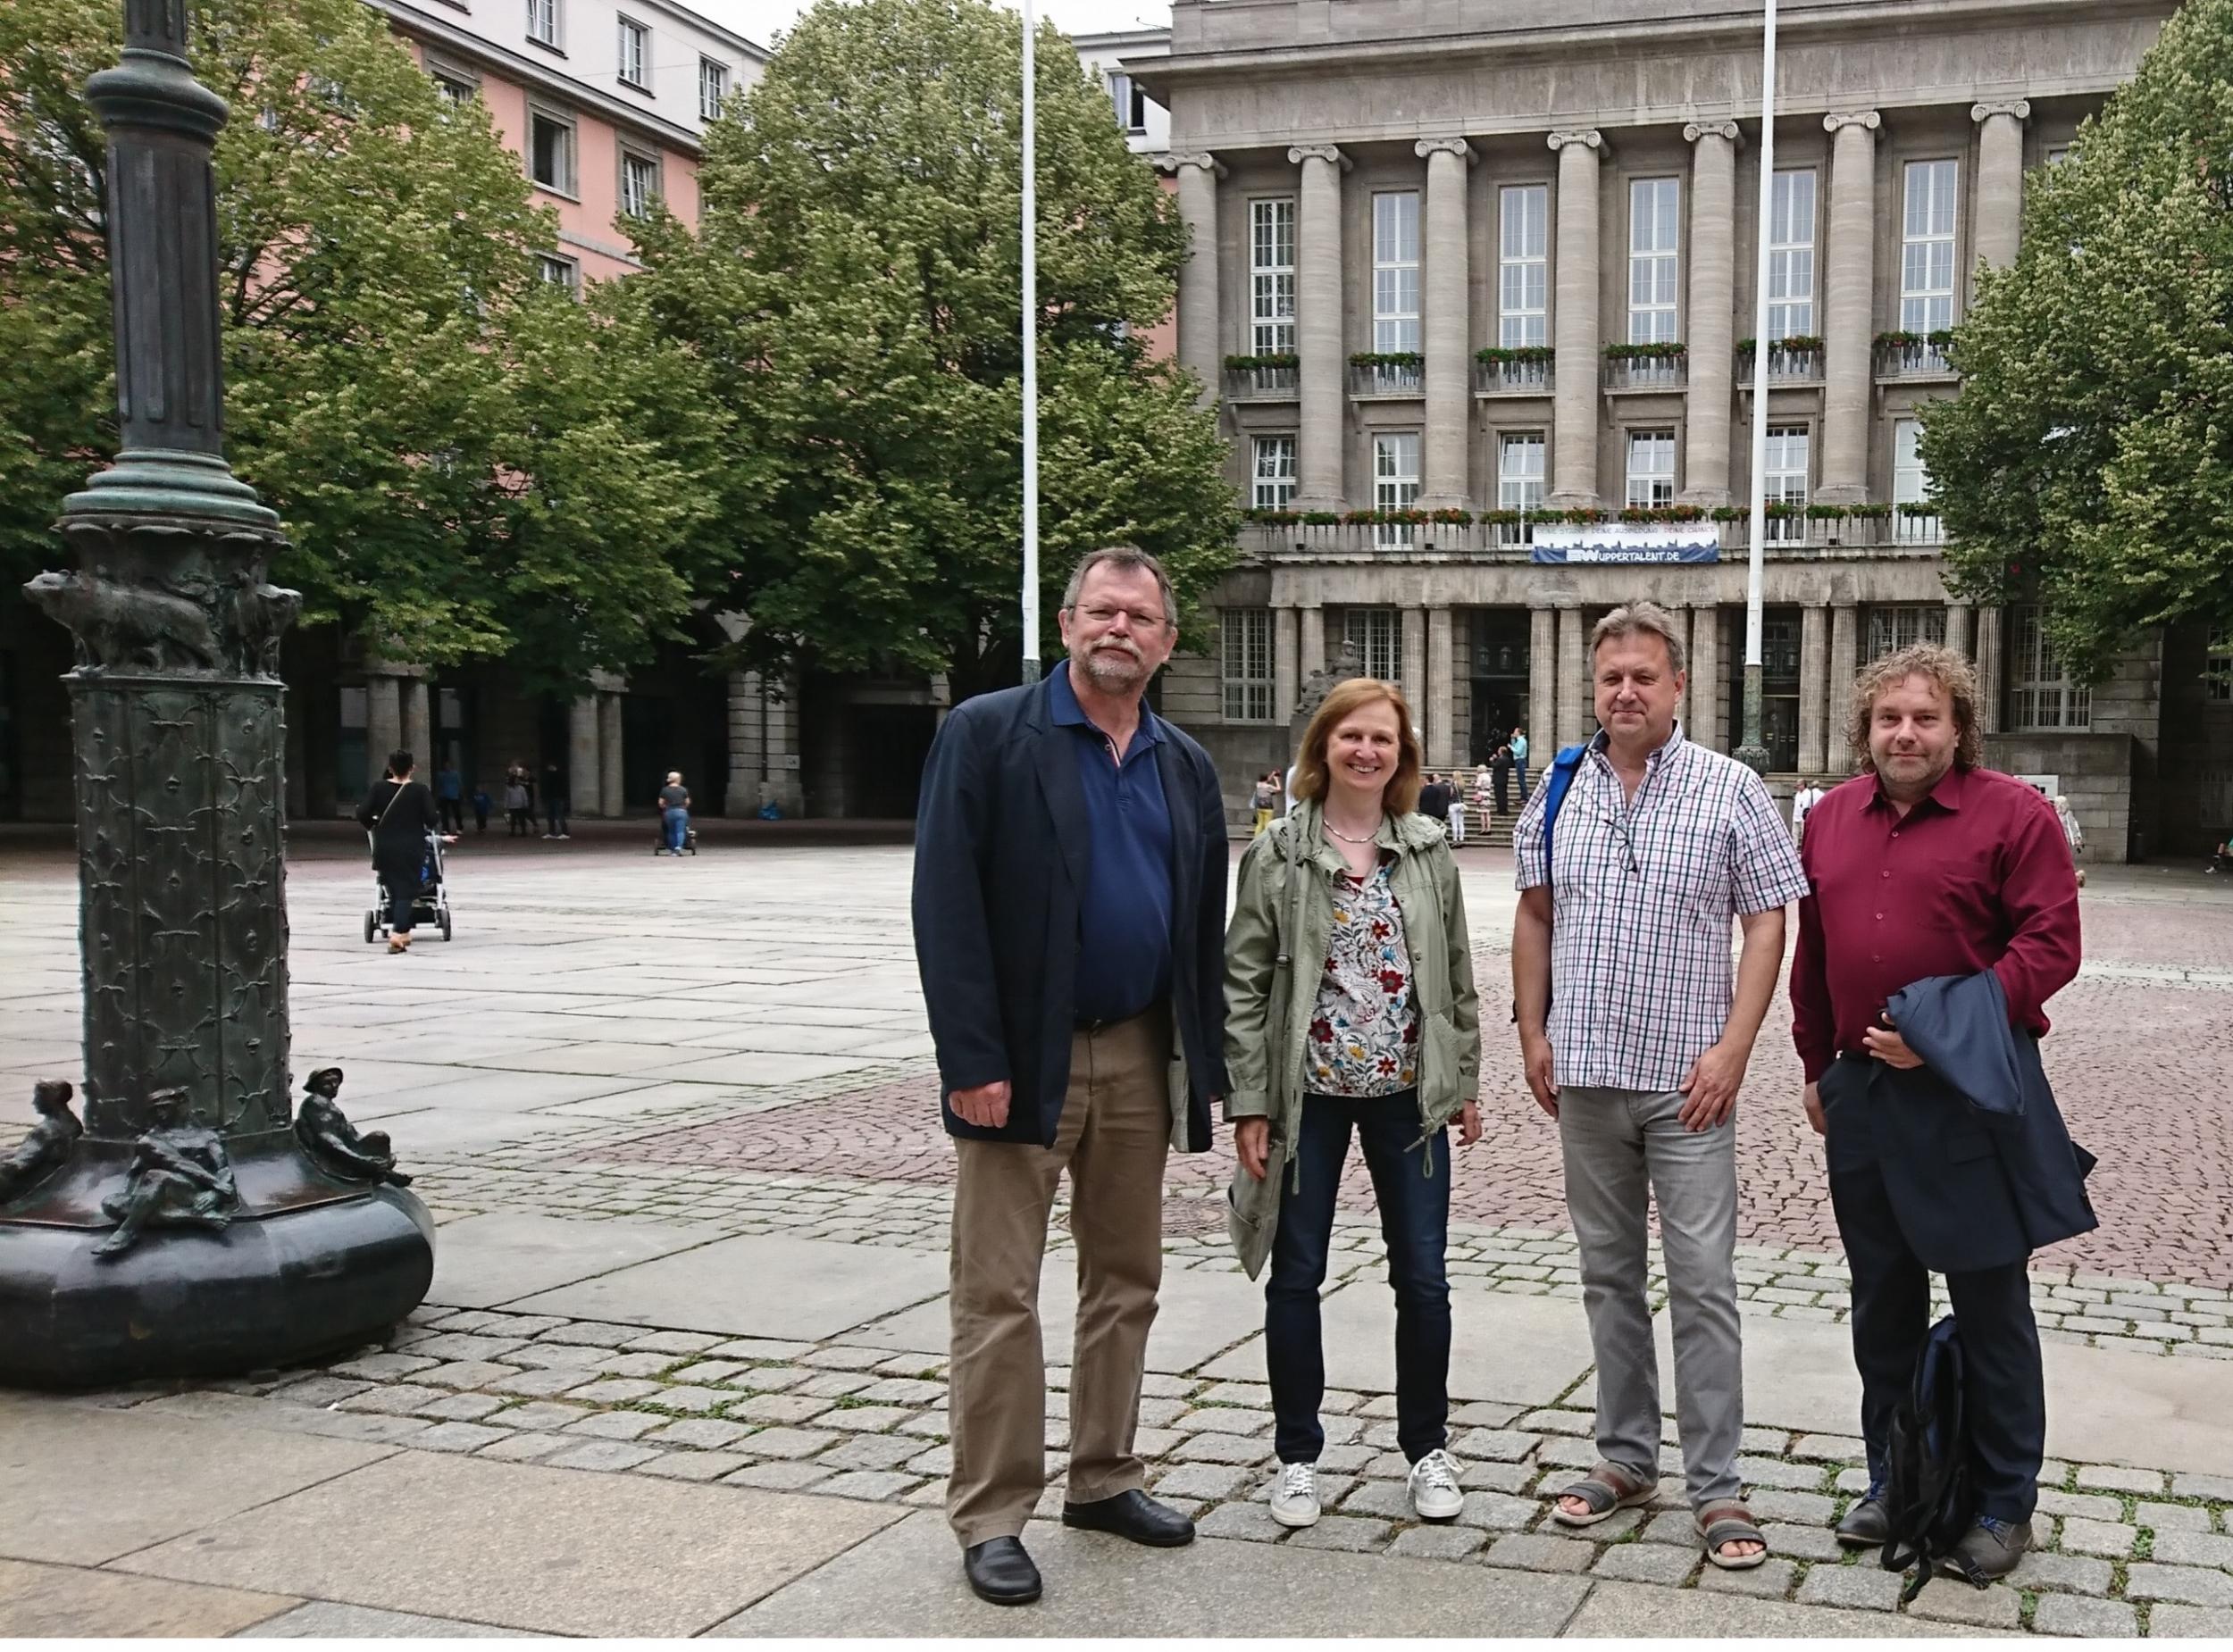 Vor dem Wuppertaler Rathaus